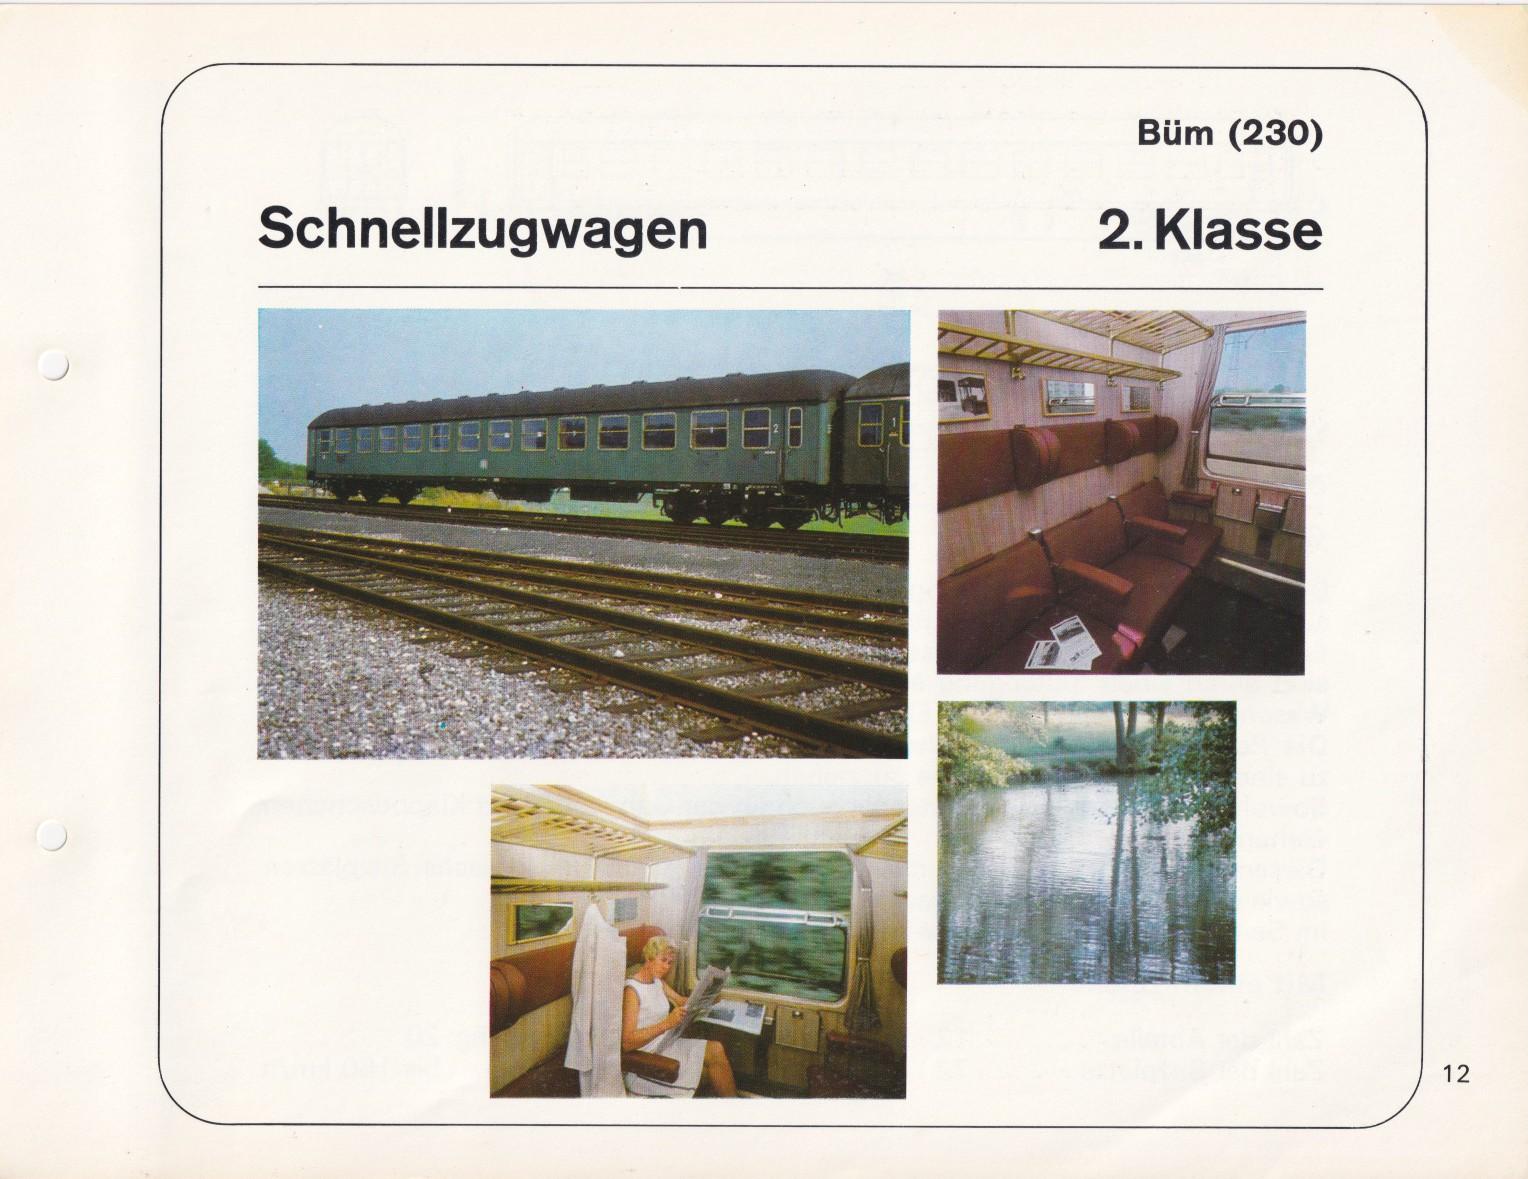 https://www.nullclub.de/hifo/Fahrzeuglexikon/Wagen12a.jpg